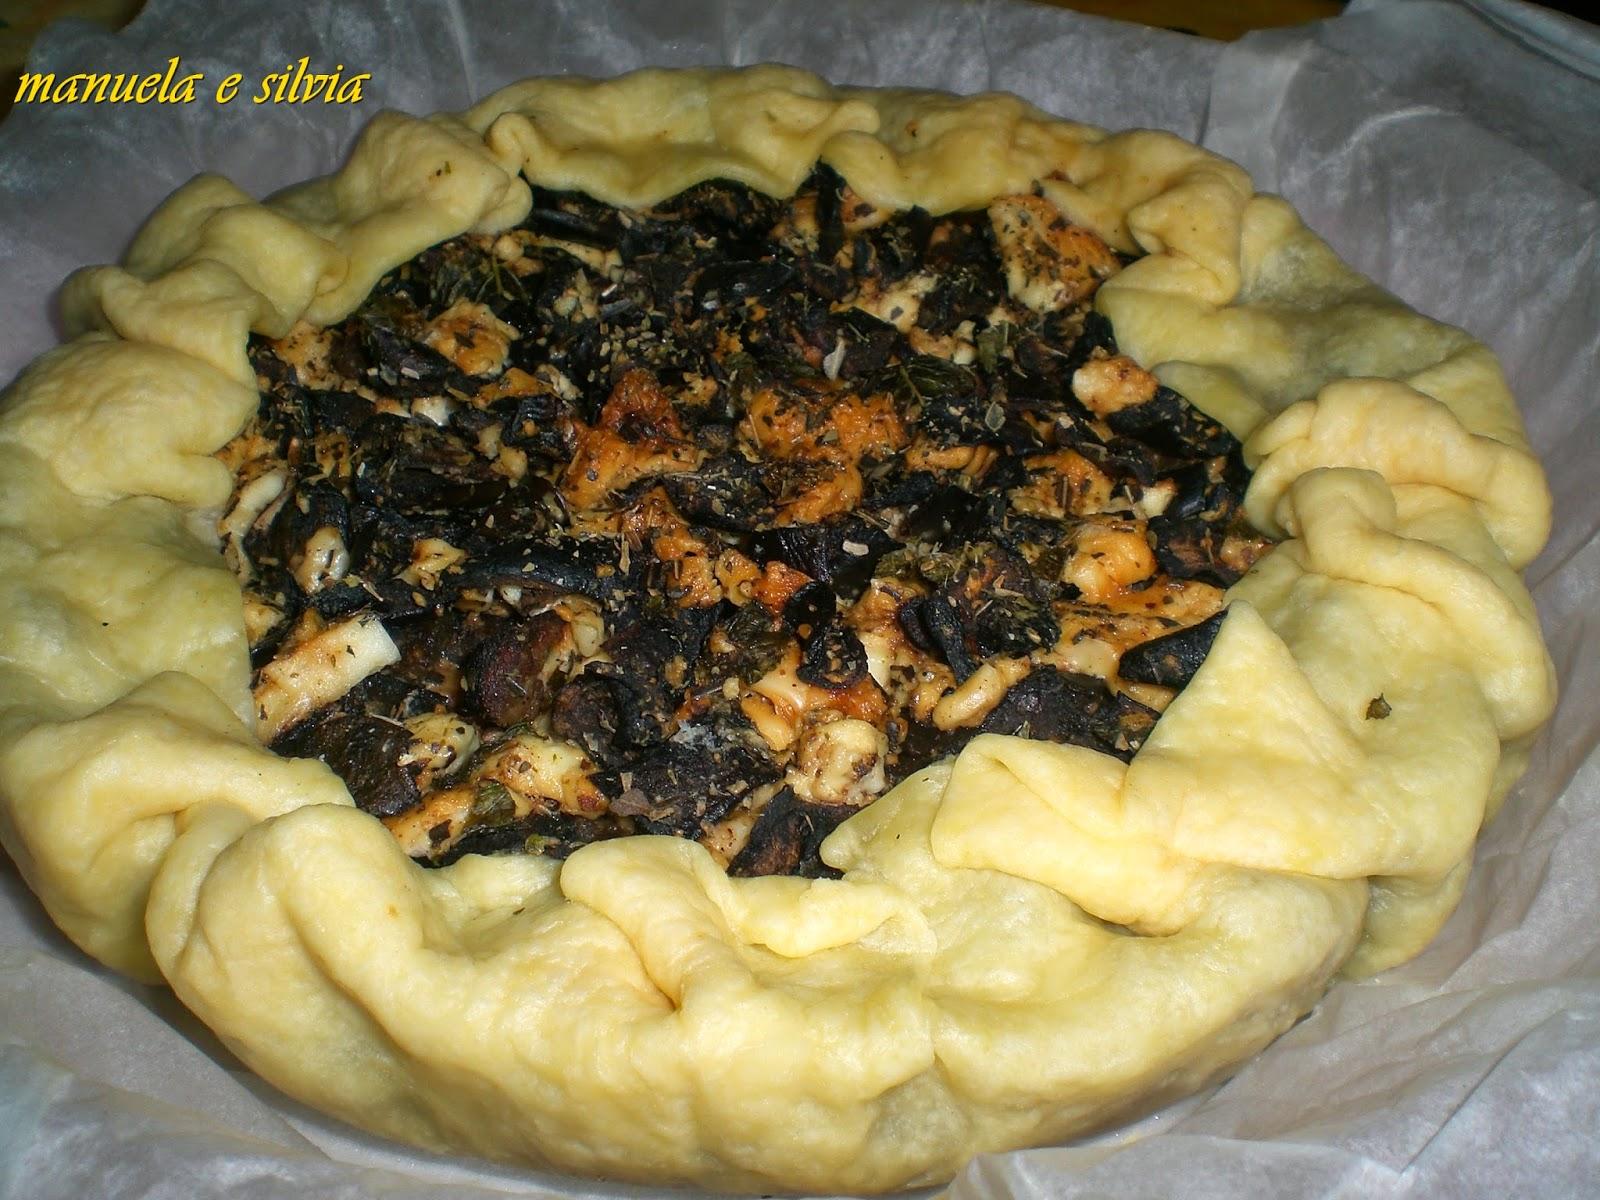 crostata alla marmellata di cipolle con insalata di melanzane e feta